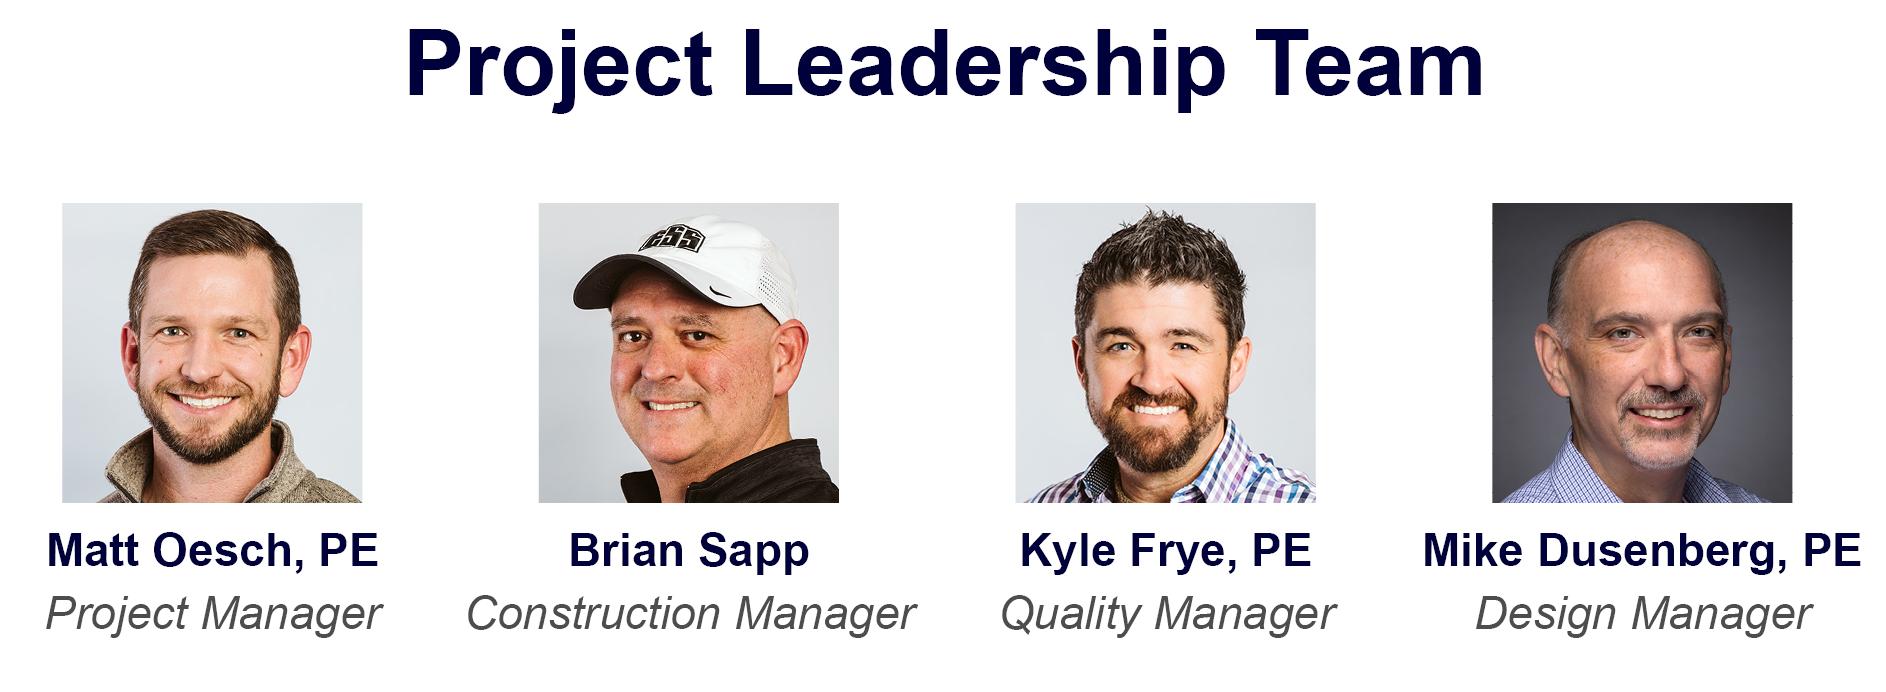 Project Leadership Team-1